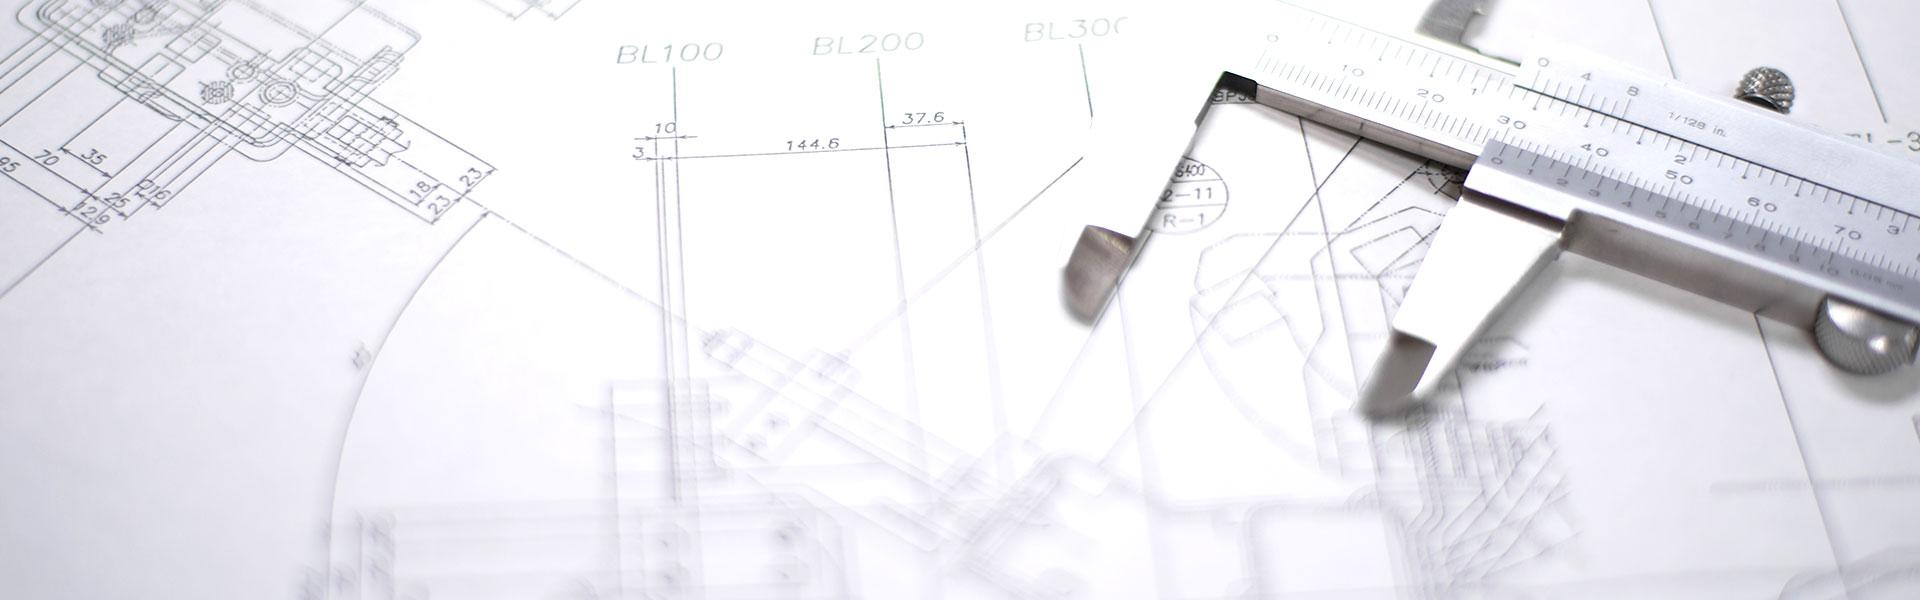 Giàu kinh nghiệm Thiết kế & Lắp đặt Công nghệ CAD/CAM mới nhất